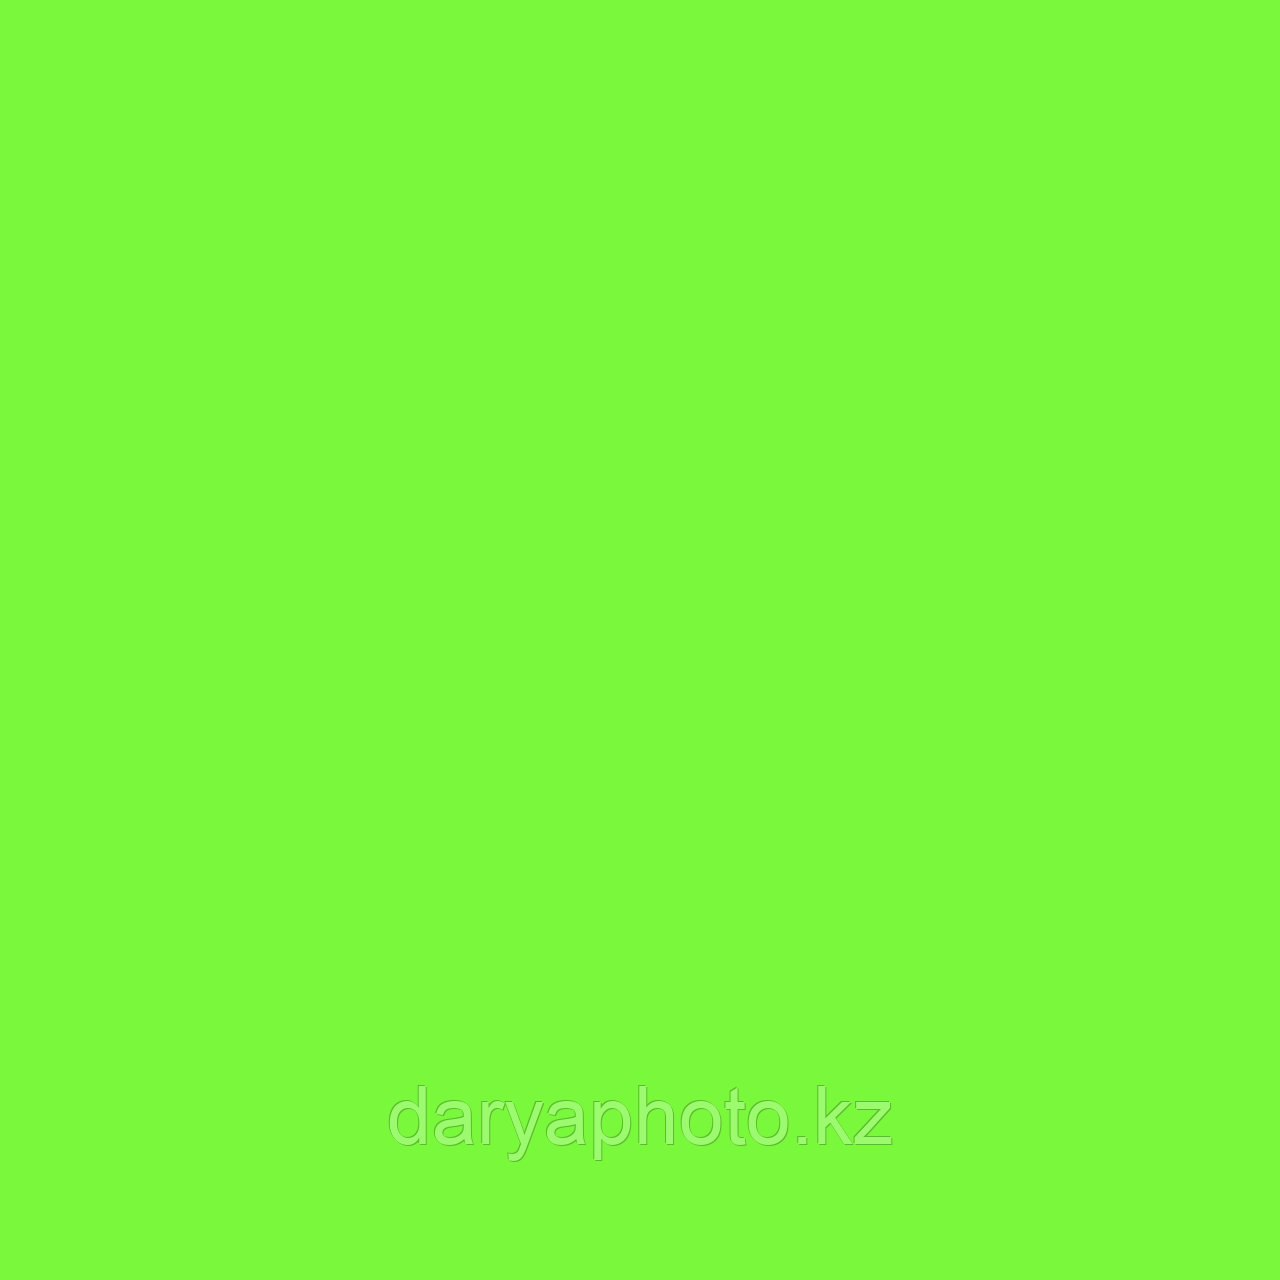 Зеленый весенний Фон бумажный. Фотофон. Фон для фотостудии